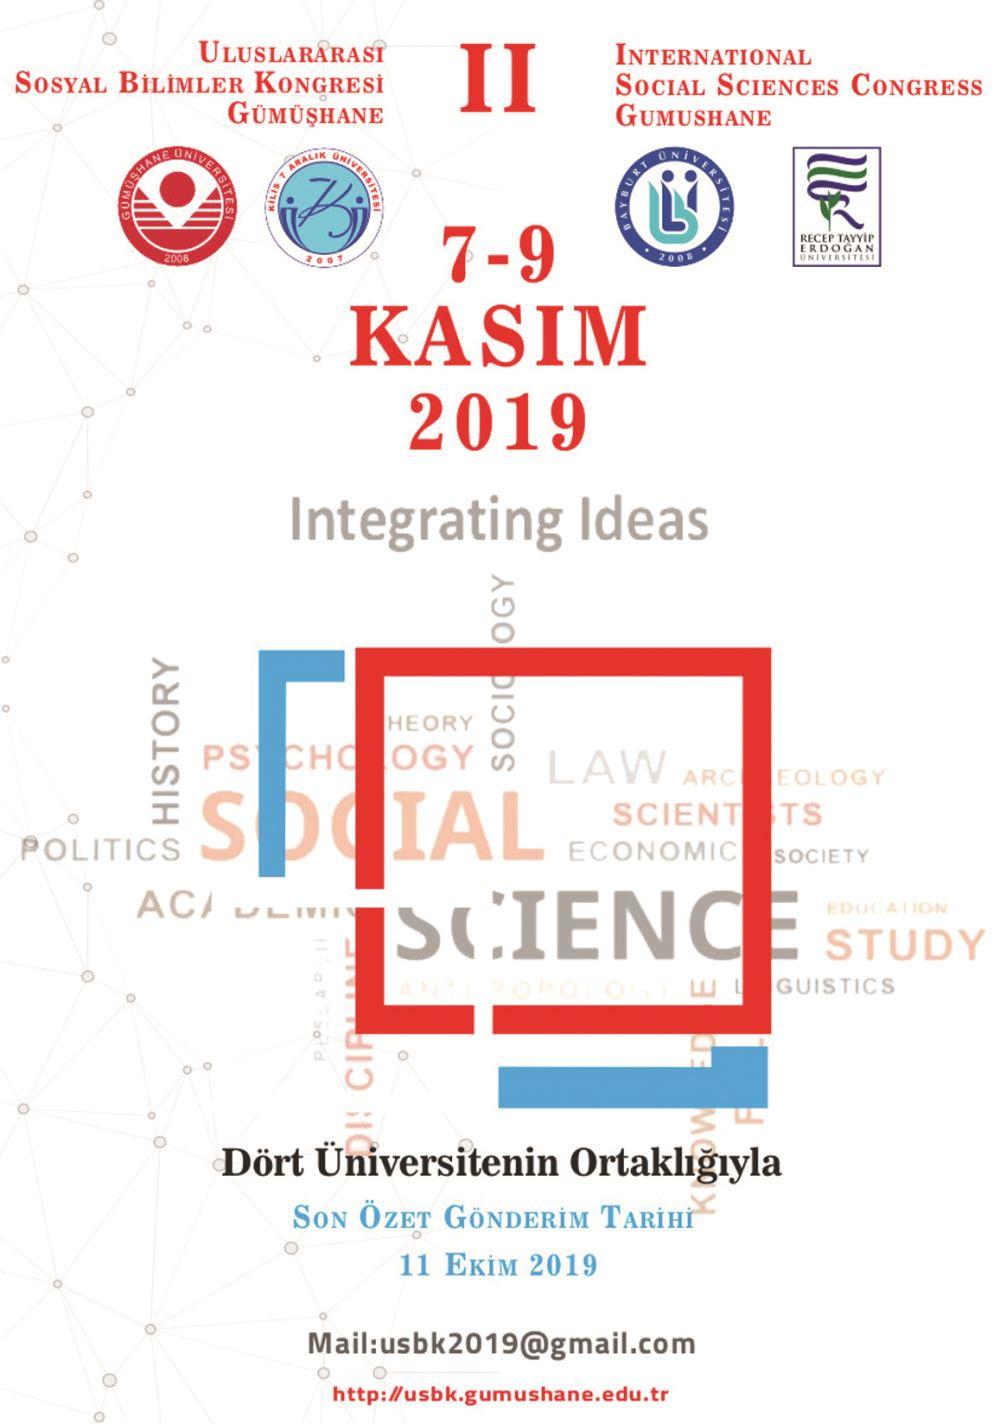 2.Uluslararası Sosyal Bilimler Kongresi